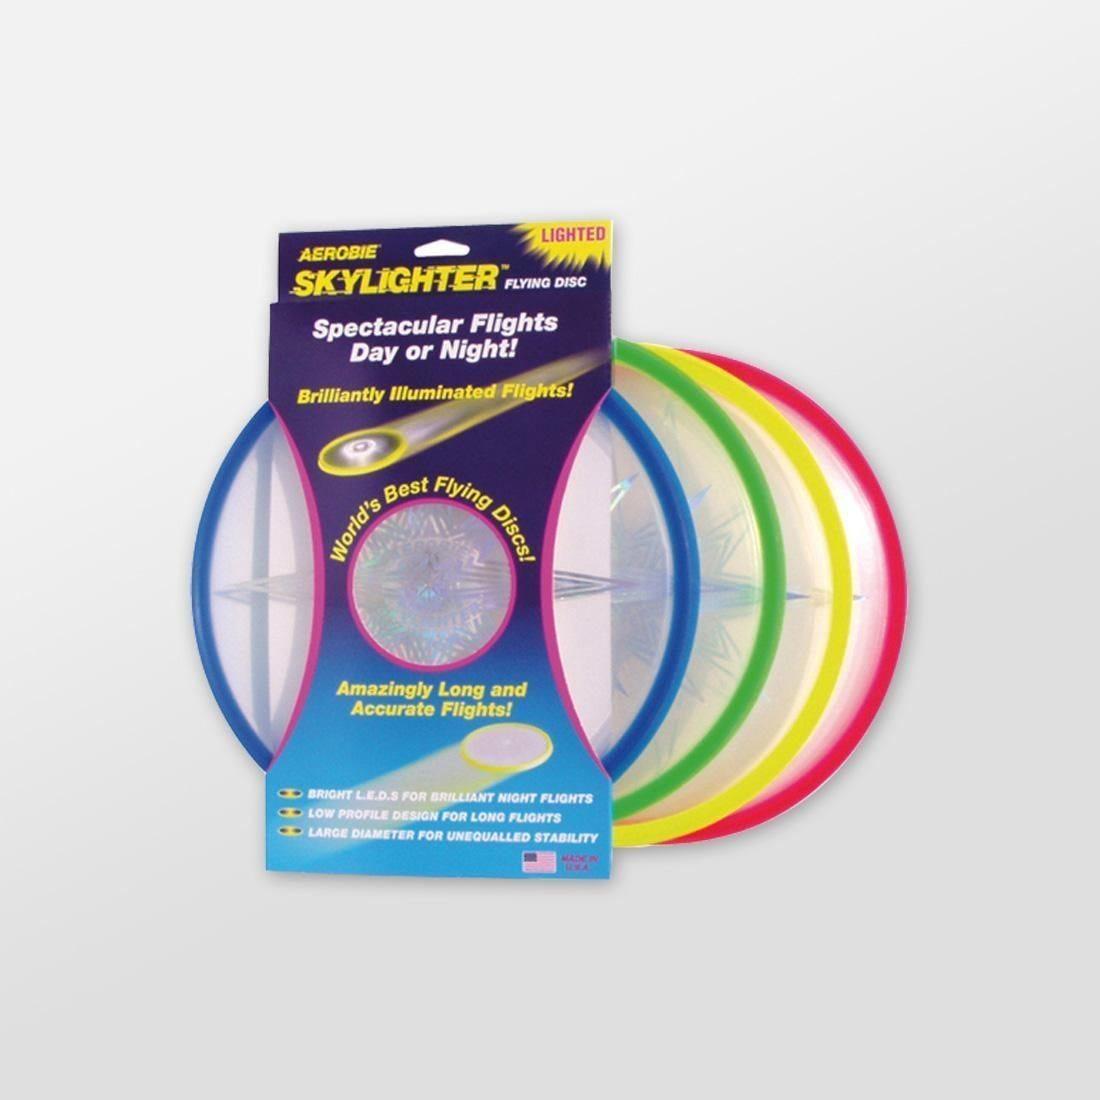 Skyligher LED Frisbee